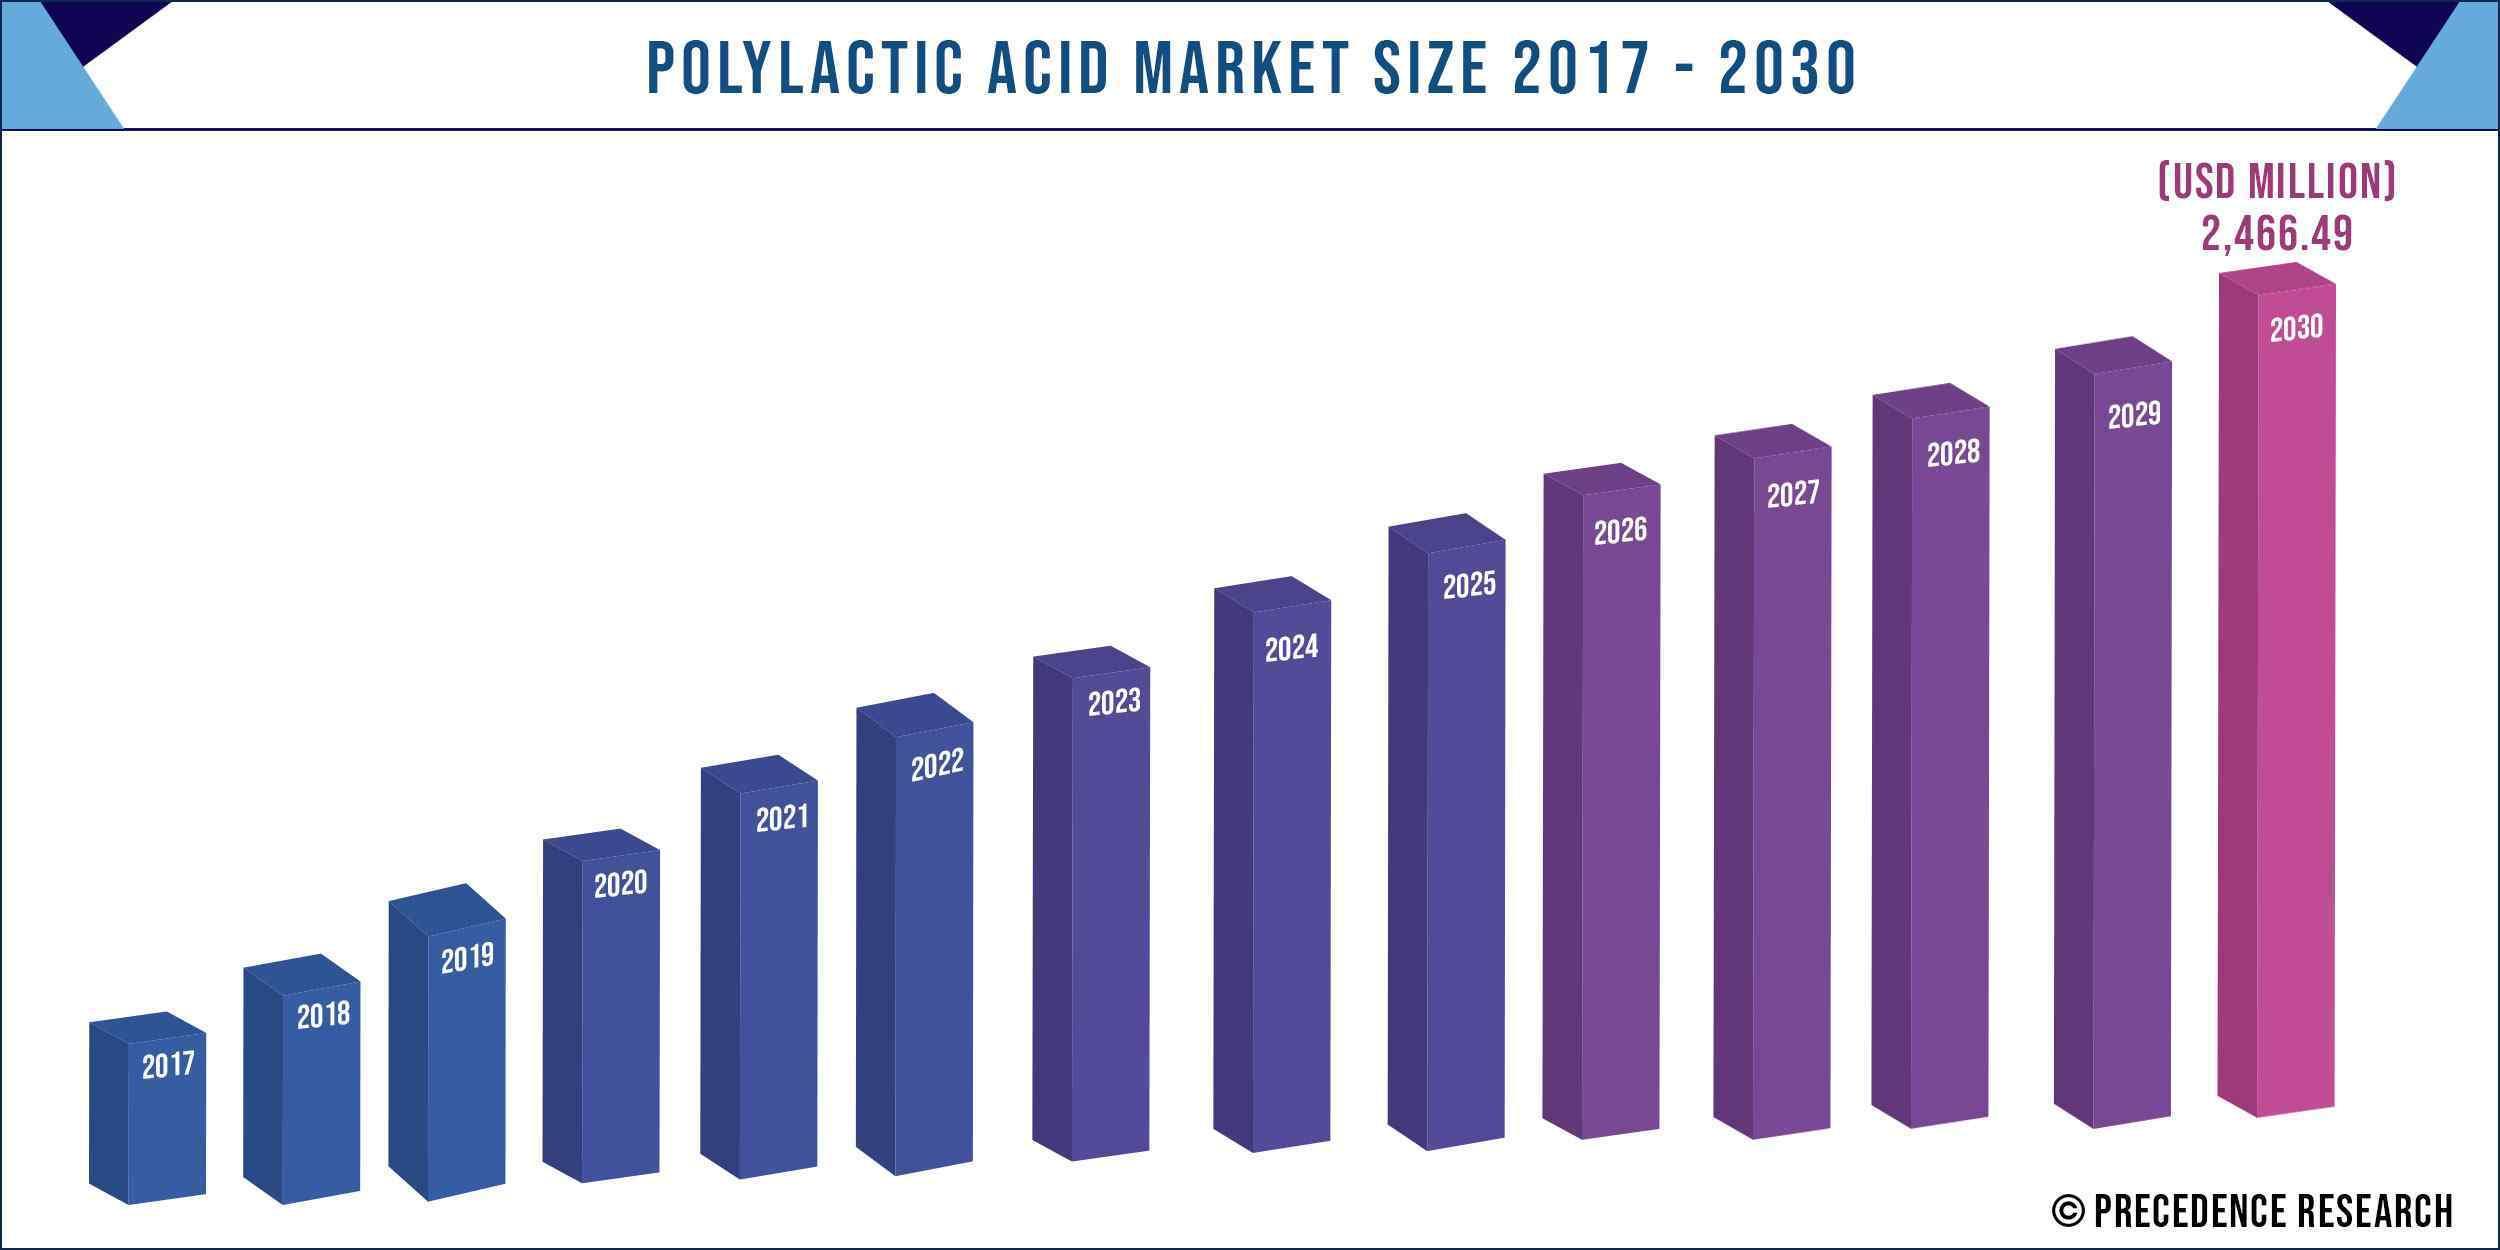 Polylactic Acid Market Size 2017-2030